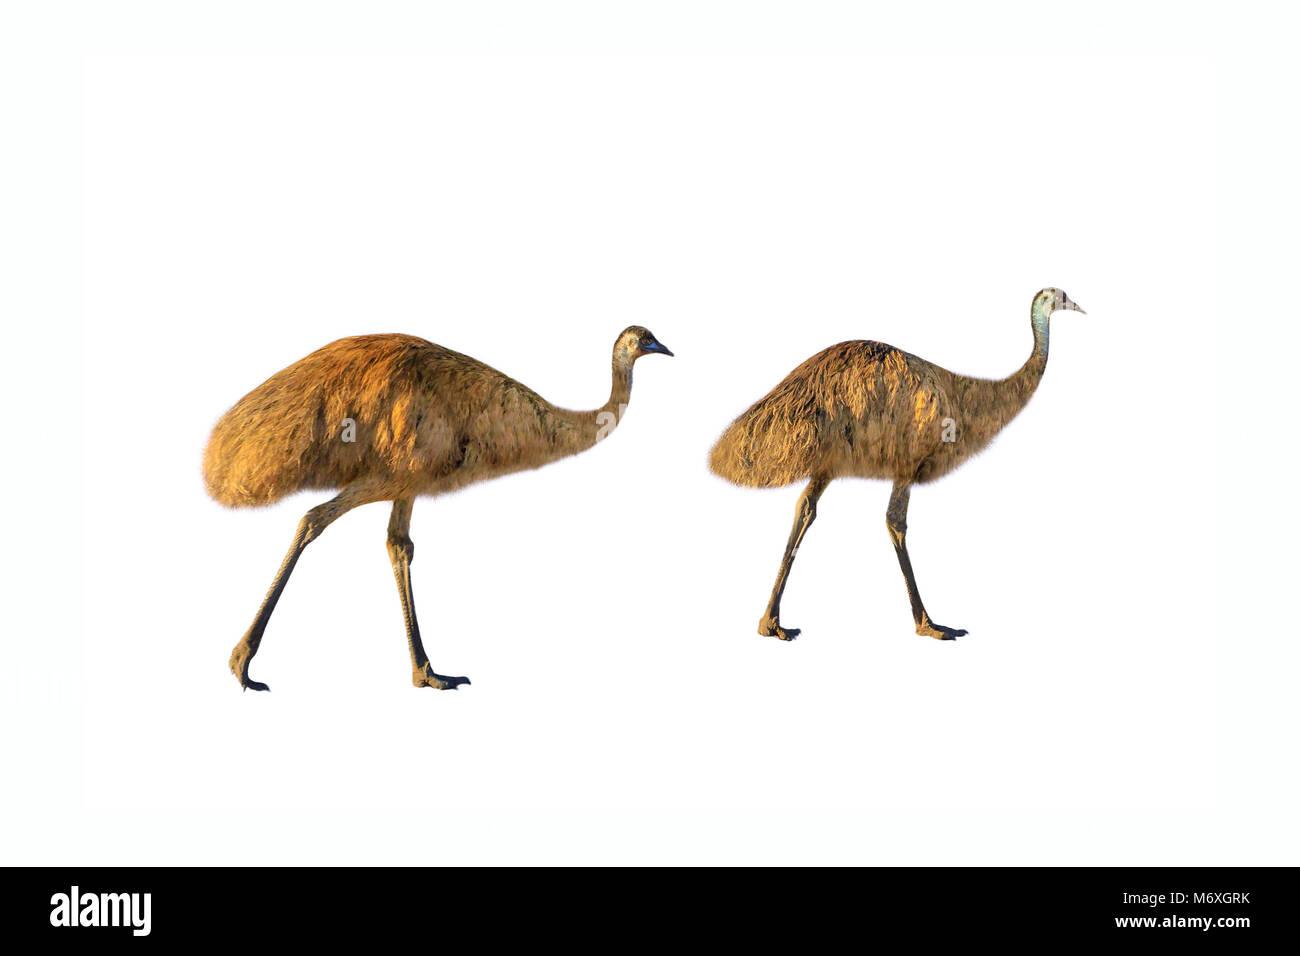 Two Emus, Dromaius novaehollandiae, walking, isolated on white background.The emu is the symbolic national bird - Stock Image